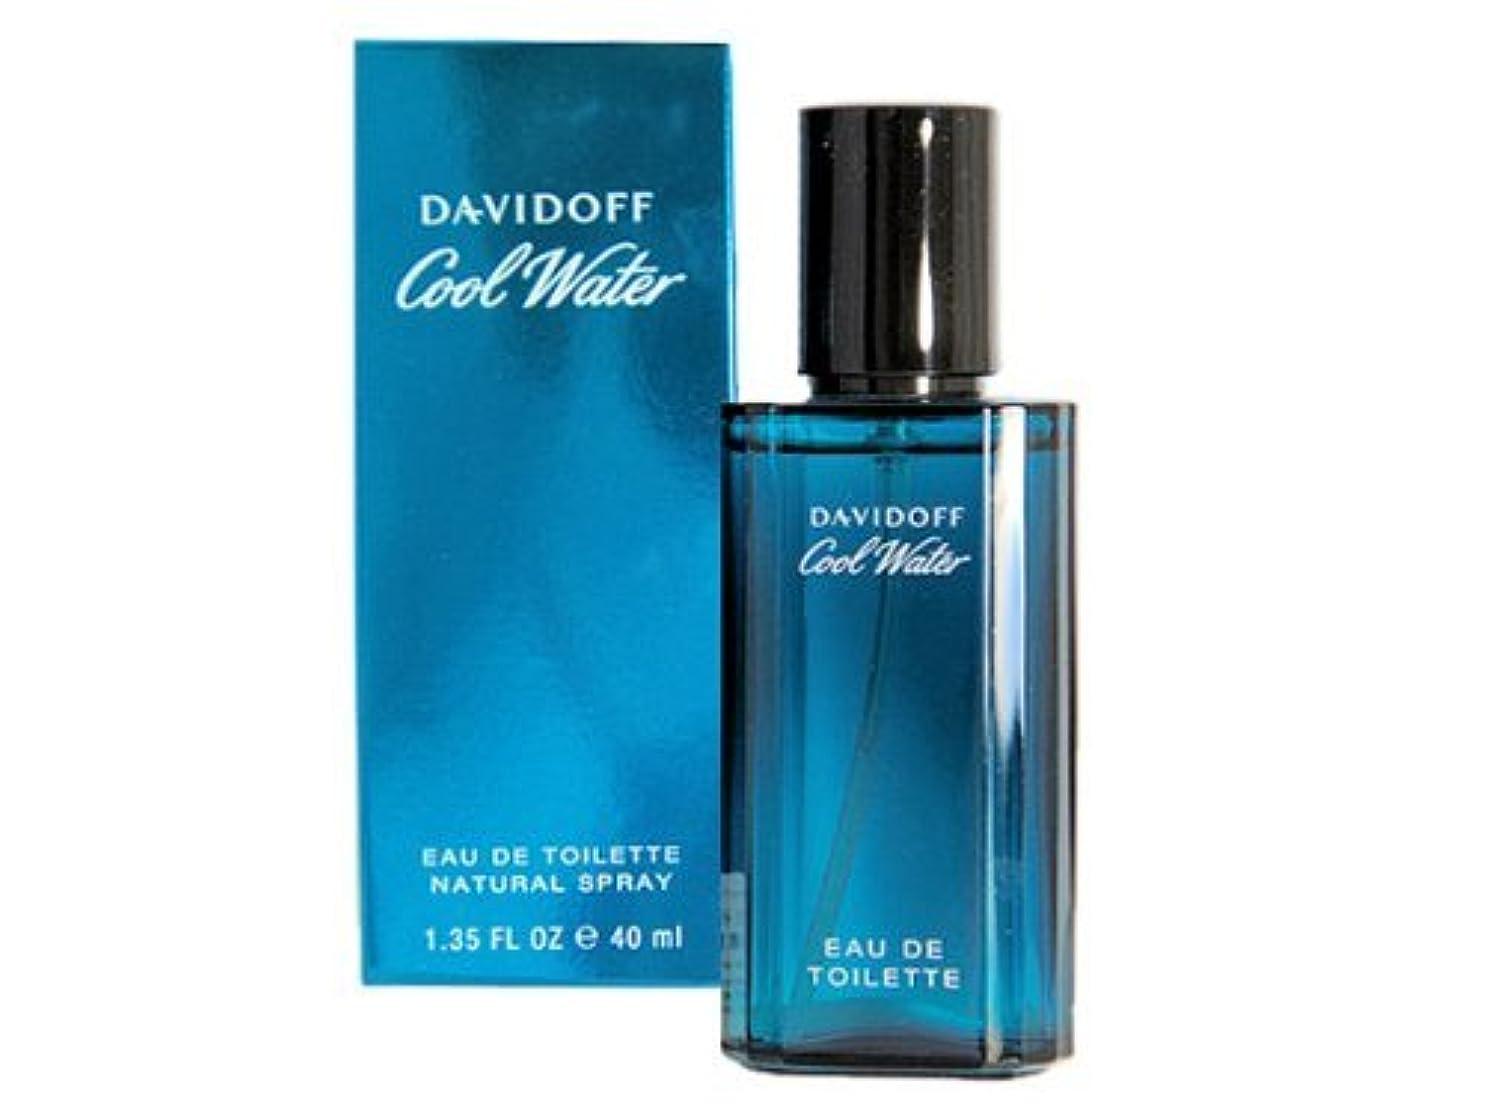 プレート起きてとにかくダビドフ クールウォーター 40ML メンズ 香水 davidoff (並行輸入品)